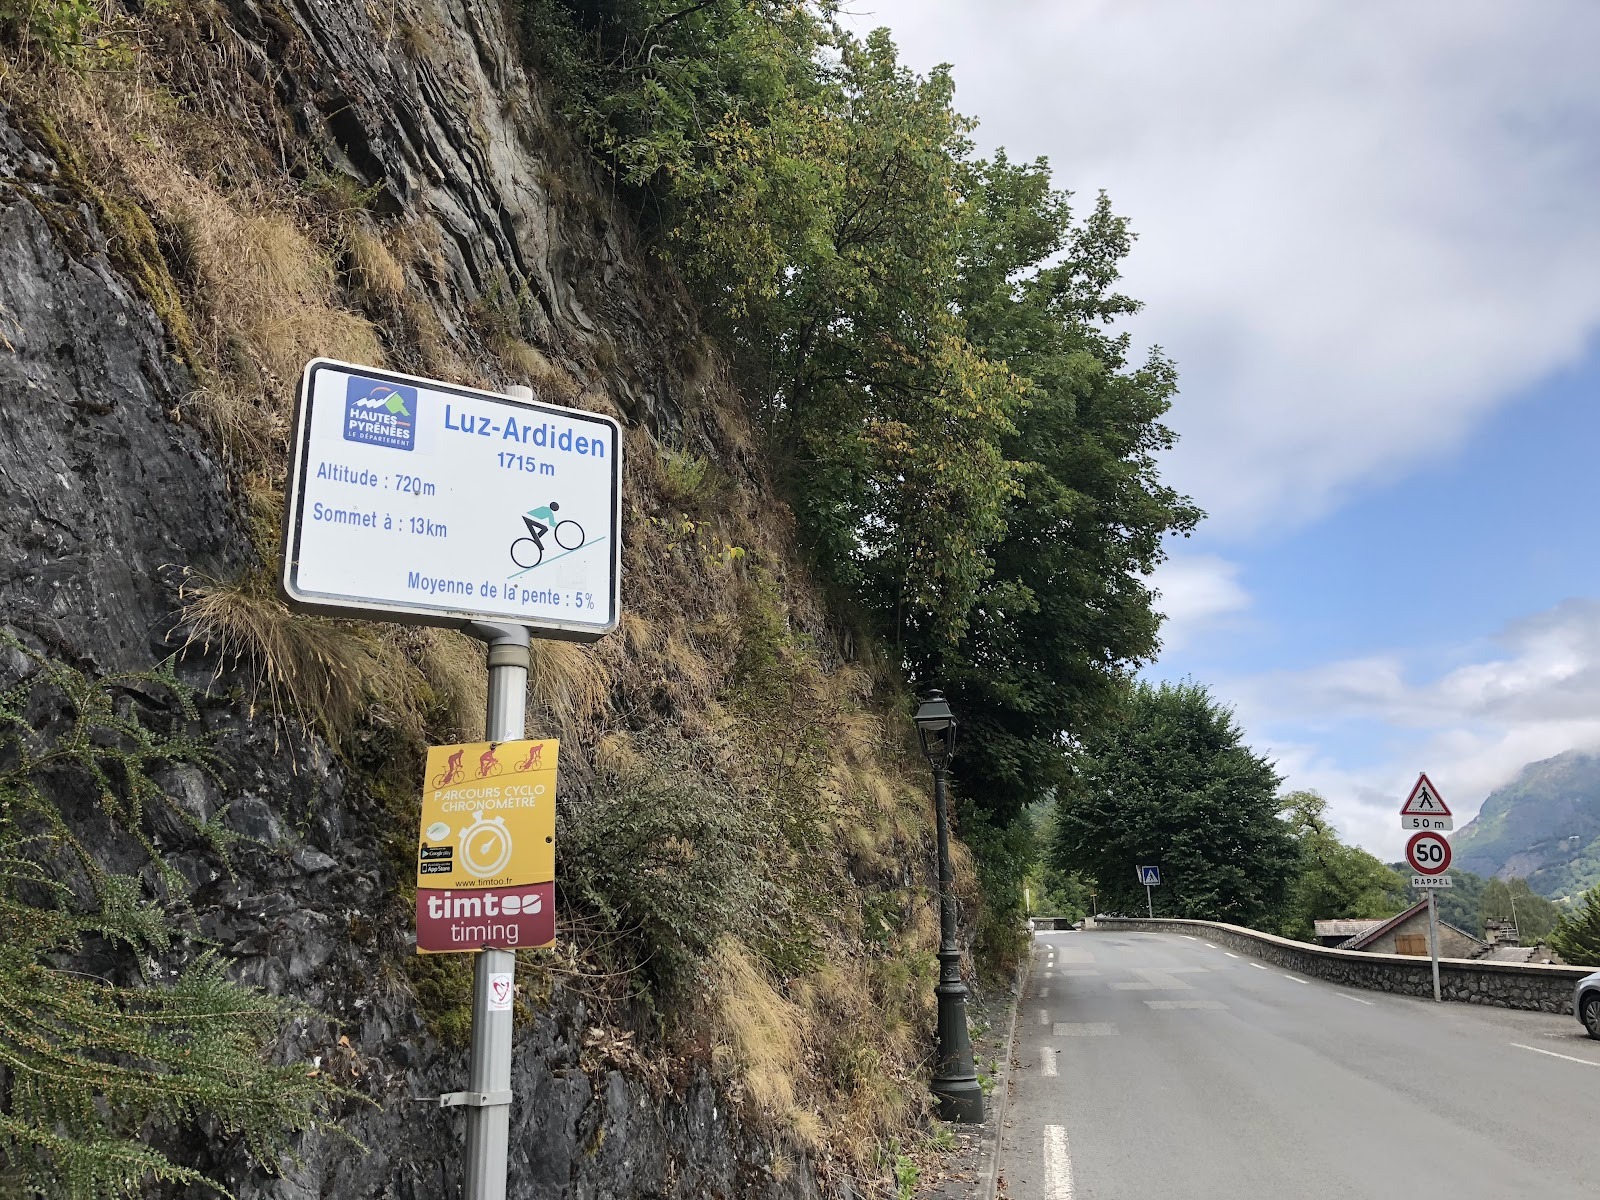 Biking Luz Ardiden - start - km marker